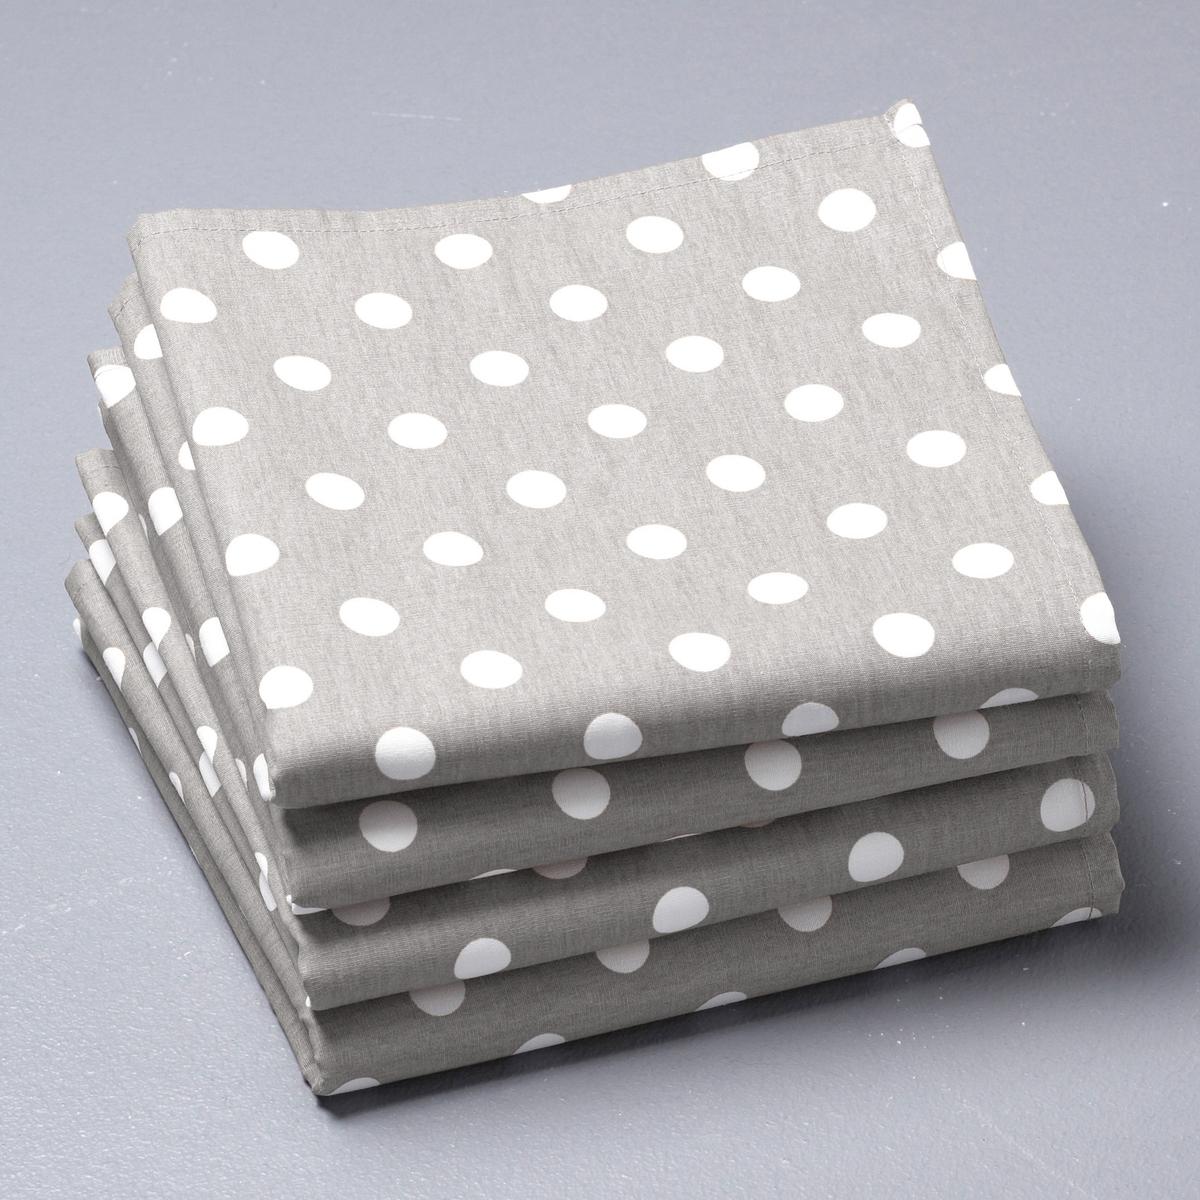 4 салфетки для приборовСалфетки в горошек GARDEN-PARTY. 100% хлопка. Размер 45 х 45 см. Стирка при 40°. В комплекте 4 салфетки. Превосходная стойкость цвета.<br><br>Цвет: серый/ белый<br>Размер: 45 x 45  см